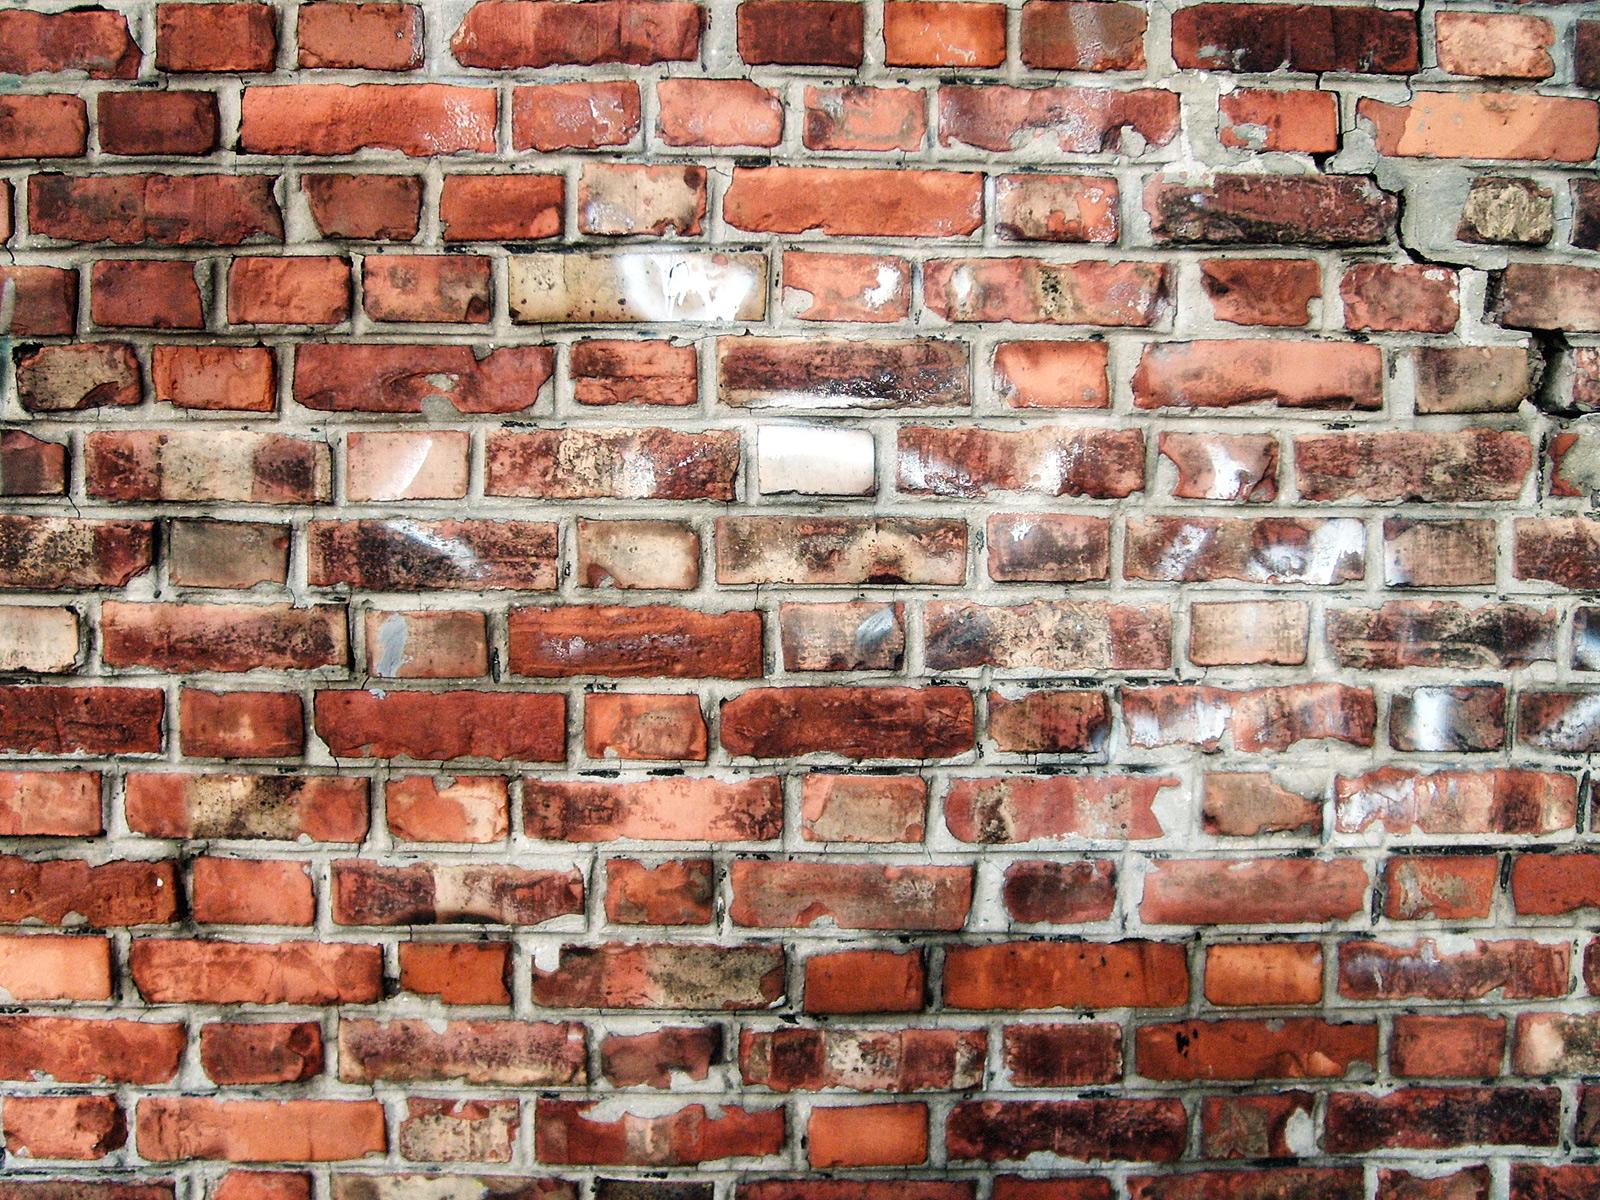 brick wall, texture, bricks, brick wall texture, background, download, old bricks